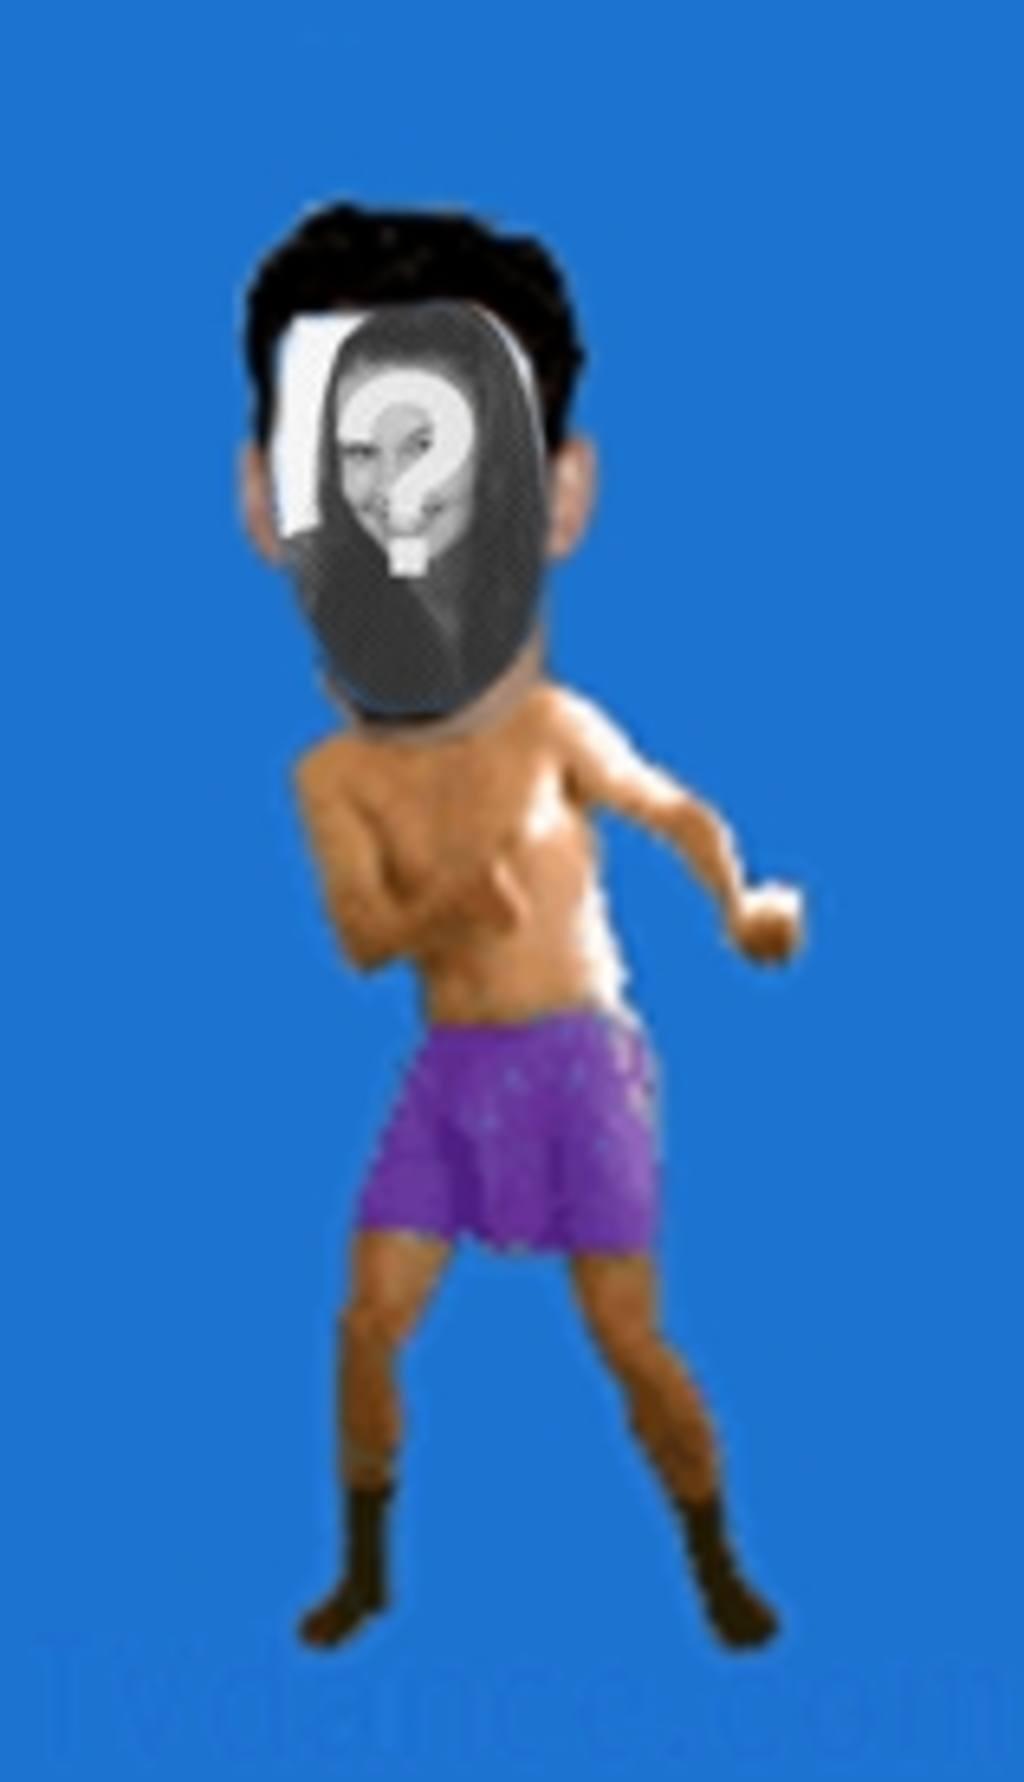 Animação de um homem de cueca dançando a dança na qual deseja inserir o rosto de sua escolha